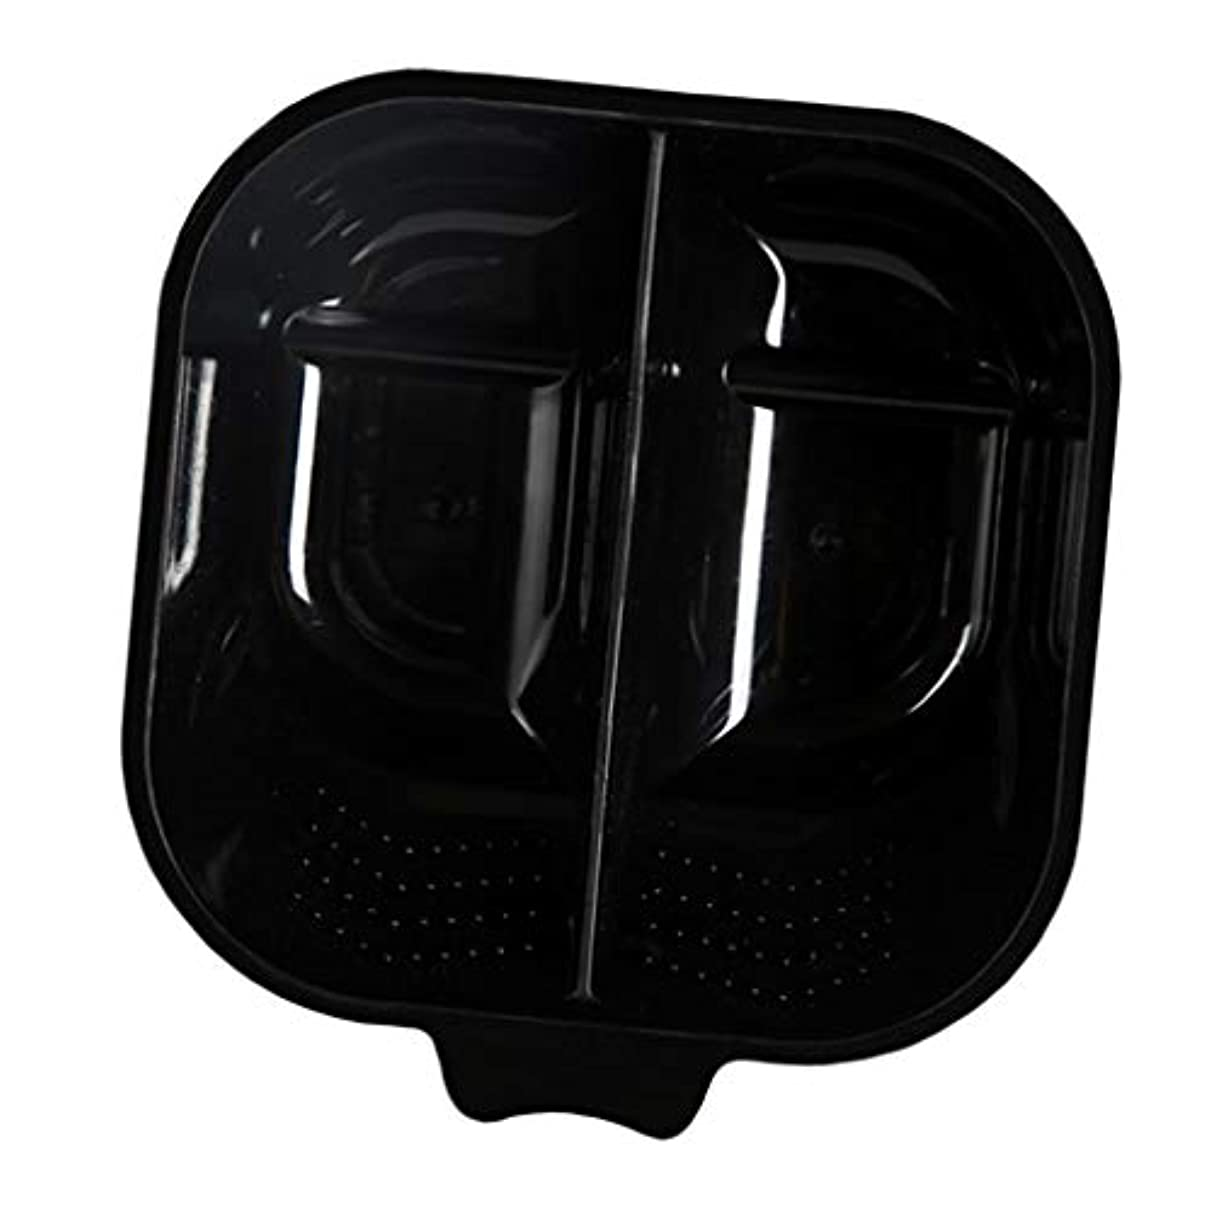 洗練高度後者ヘアカップ ヘアカラーボウル ヘアダイカップ 染料 混合ボール 滑り止め サロン 自宅 便利 全3色 - ブラック